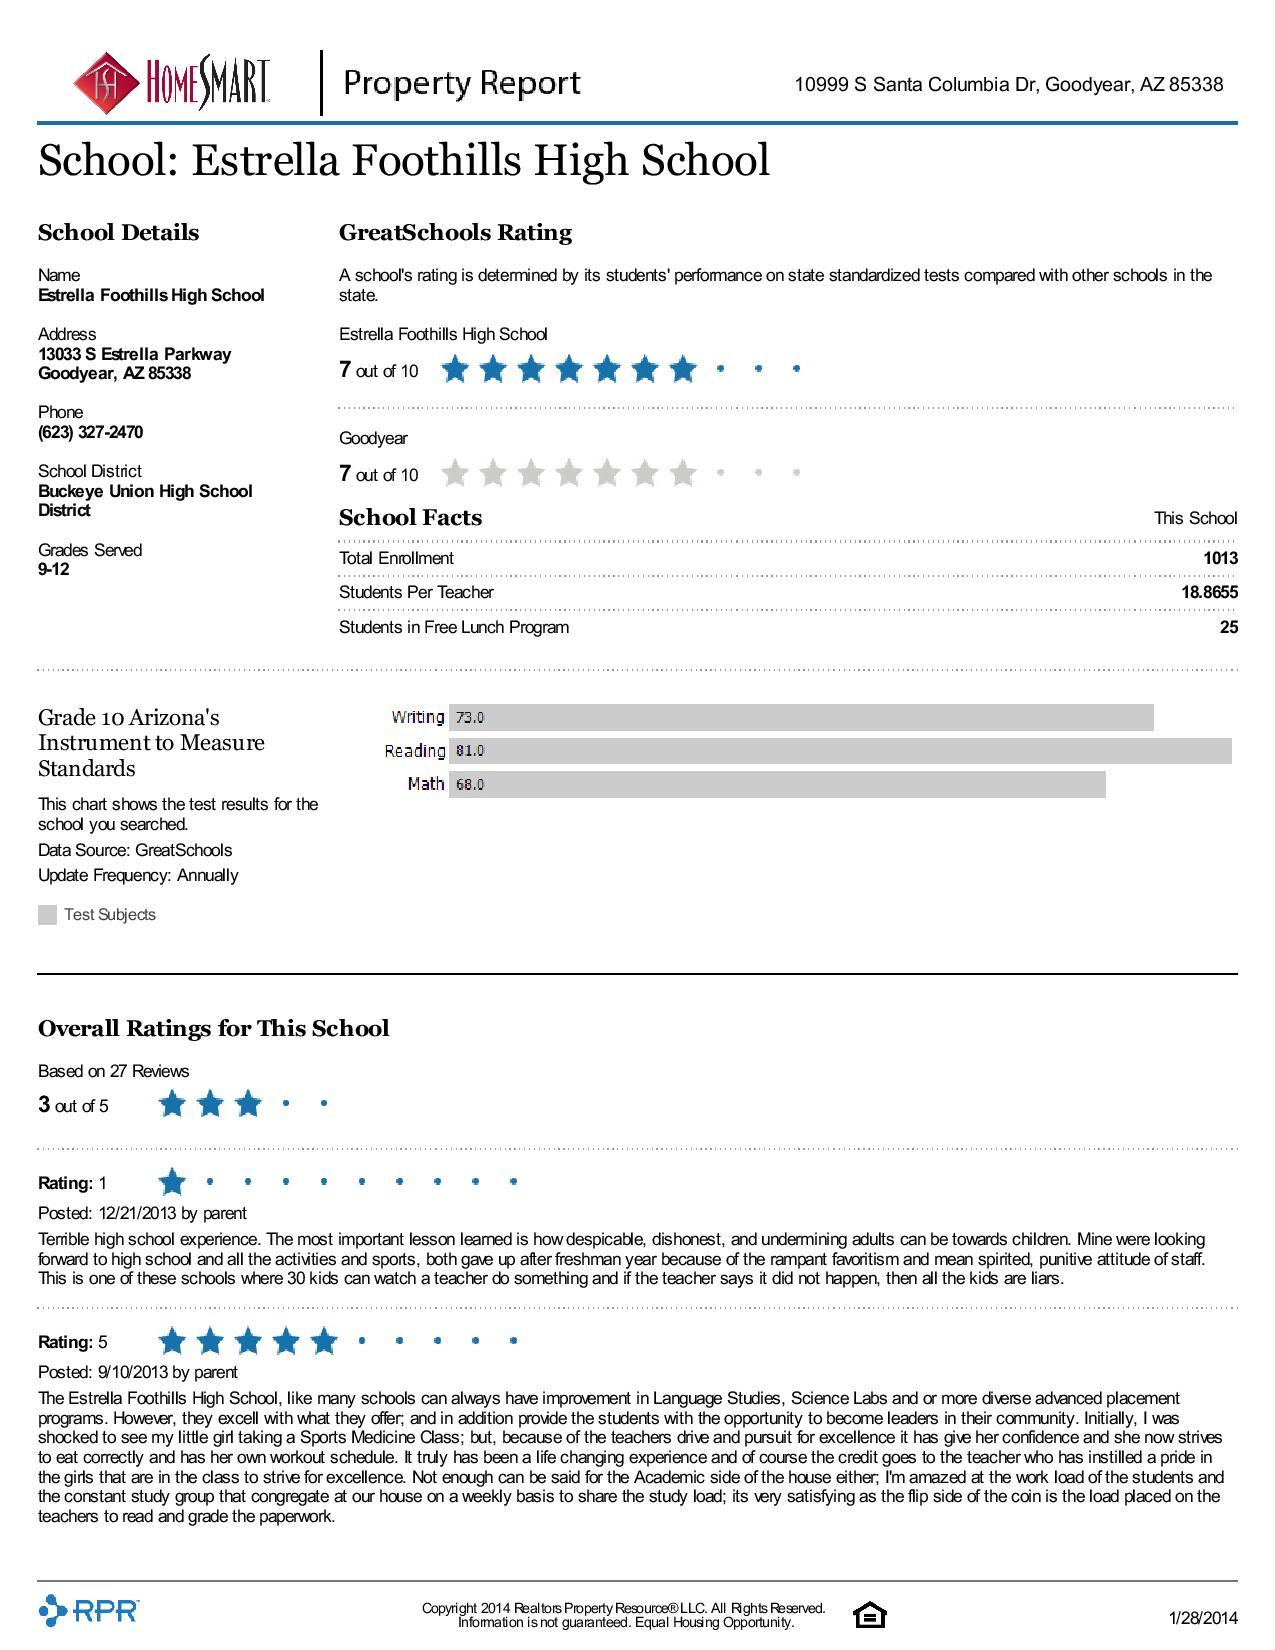 10999-S-Santa-Columbia-Dr-Goodyear-AZ-85338.pdf-page-008